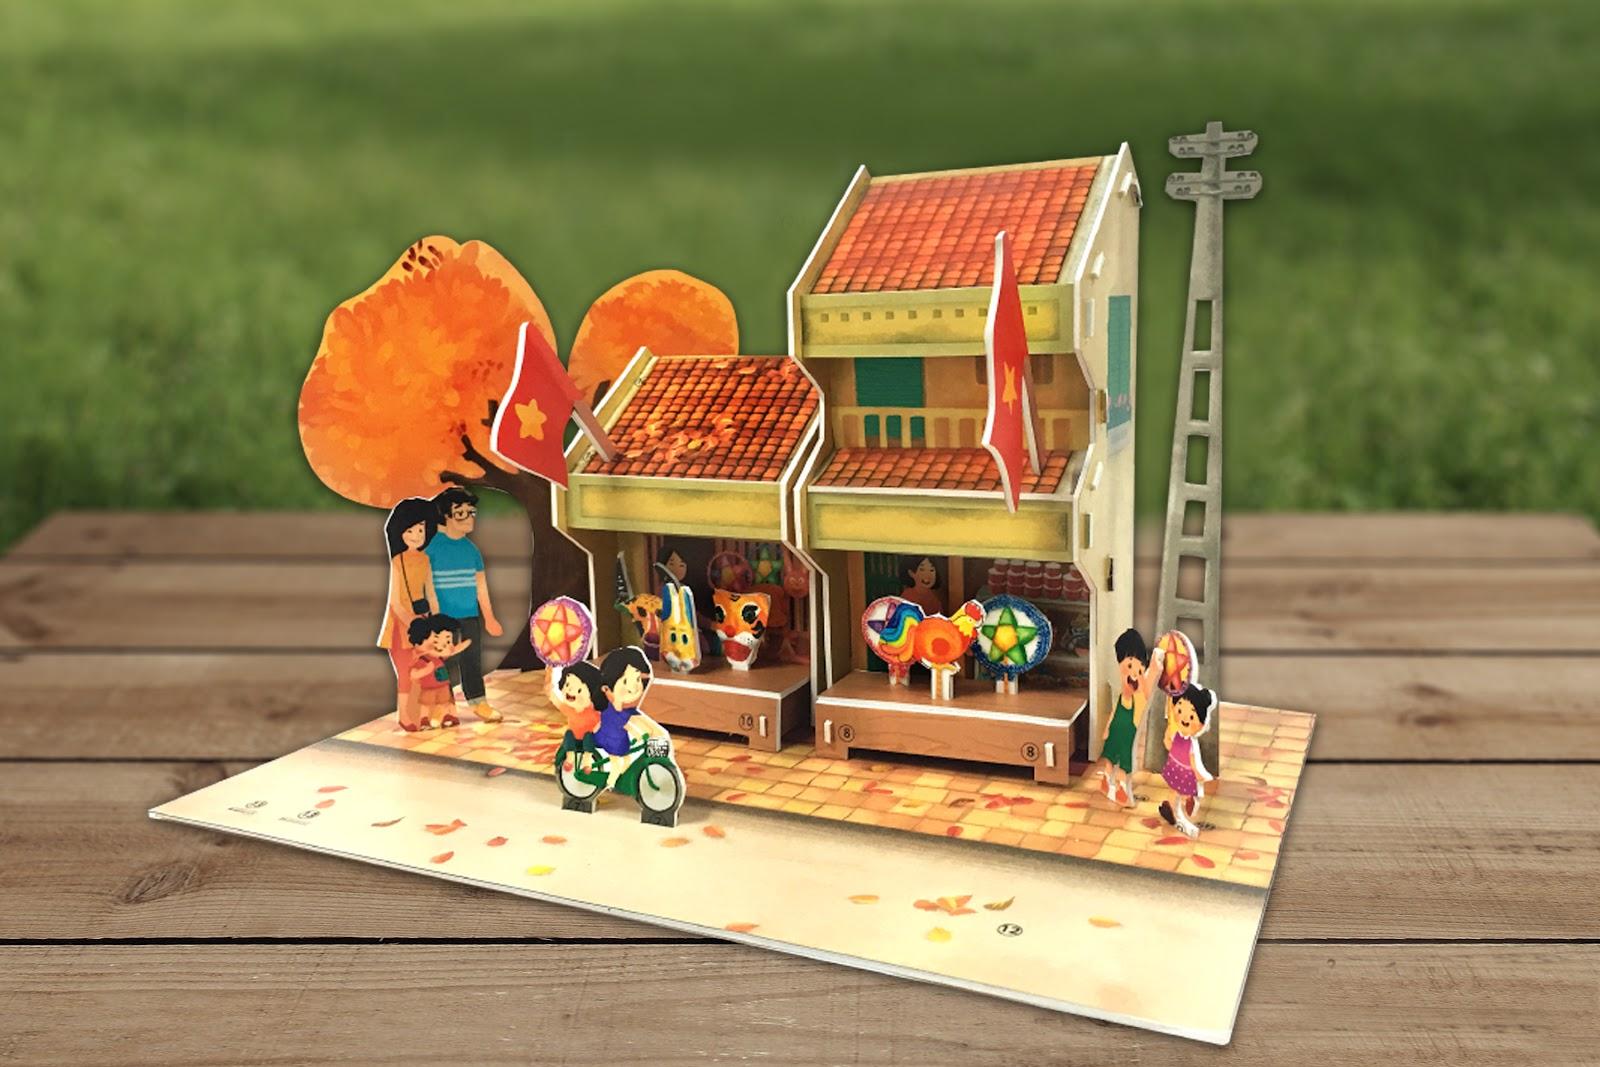 Quà tặng Trung thu - Bộ xếp hình 3D Trung Thu Việt chủ đề Sắm quà trung thu